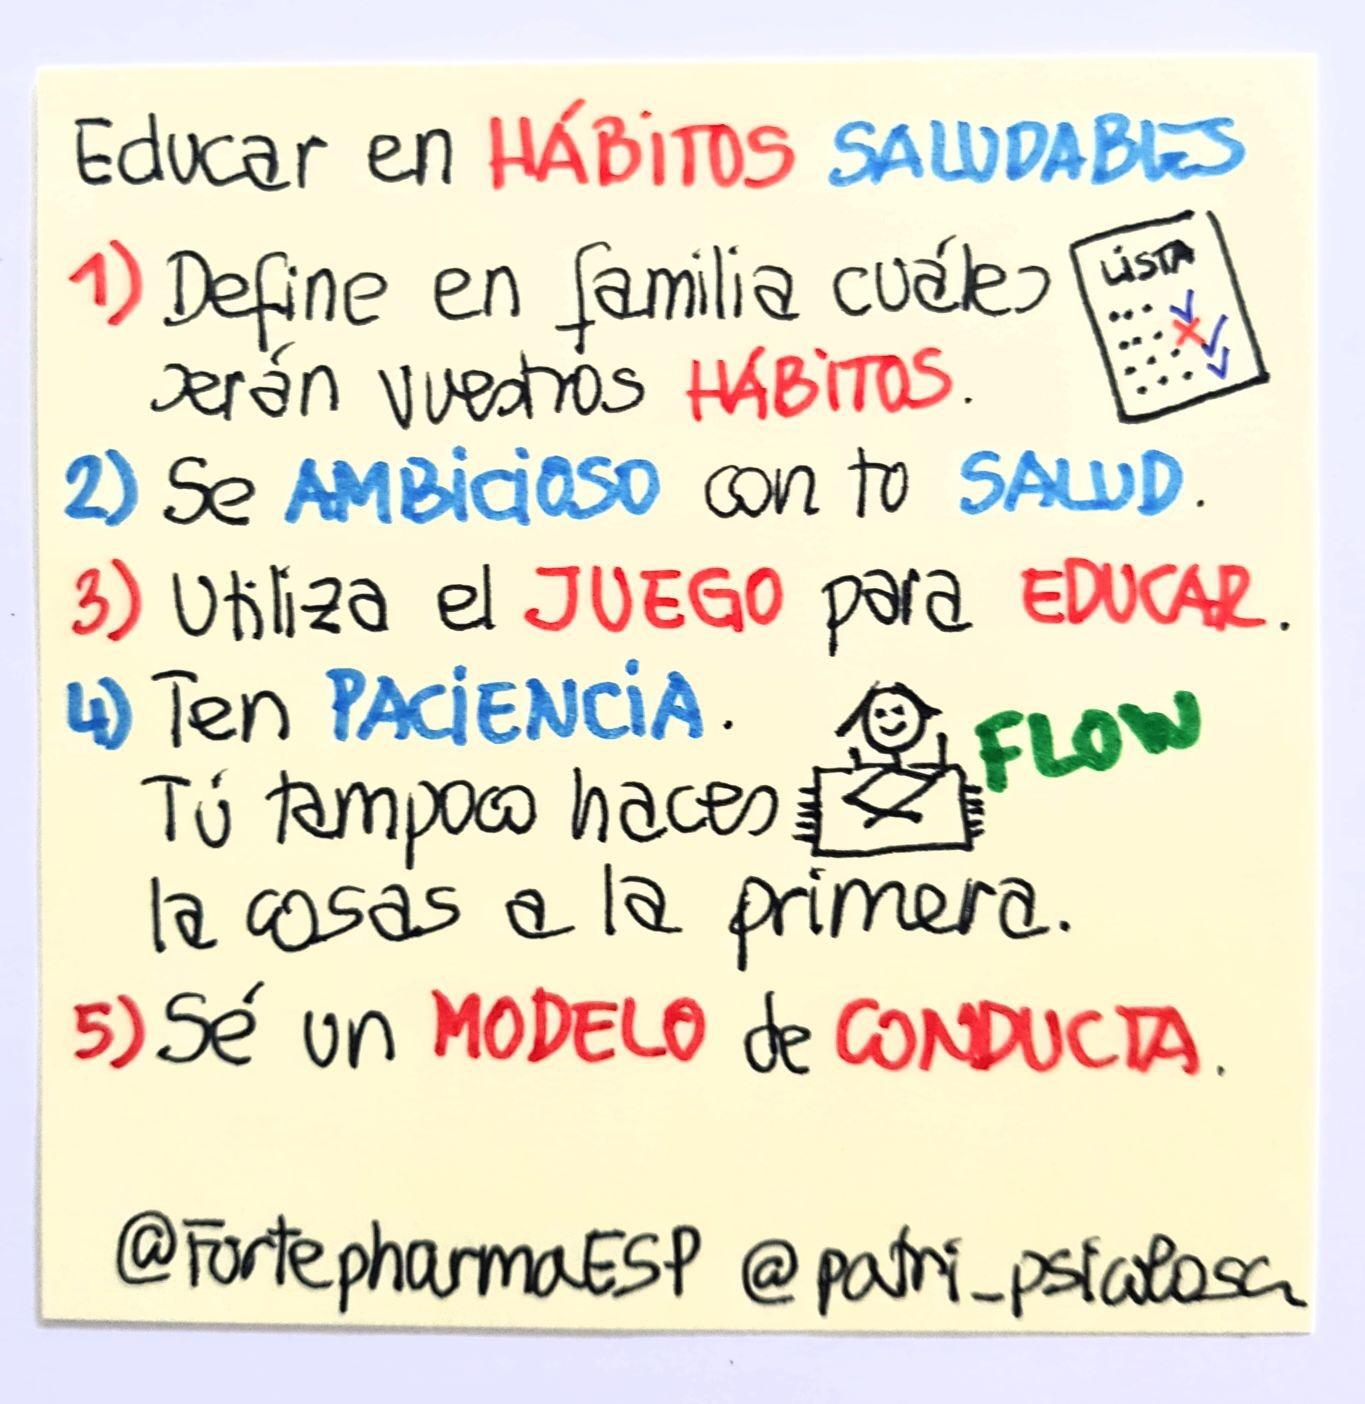 Educar en hábitos saludables